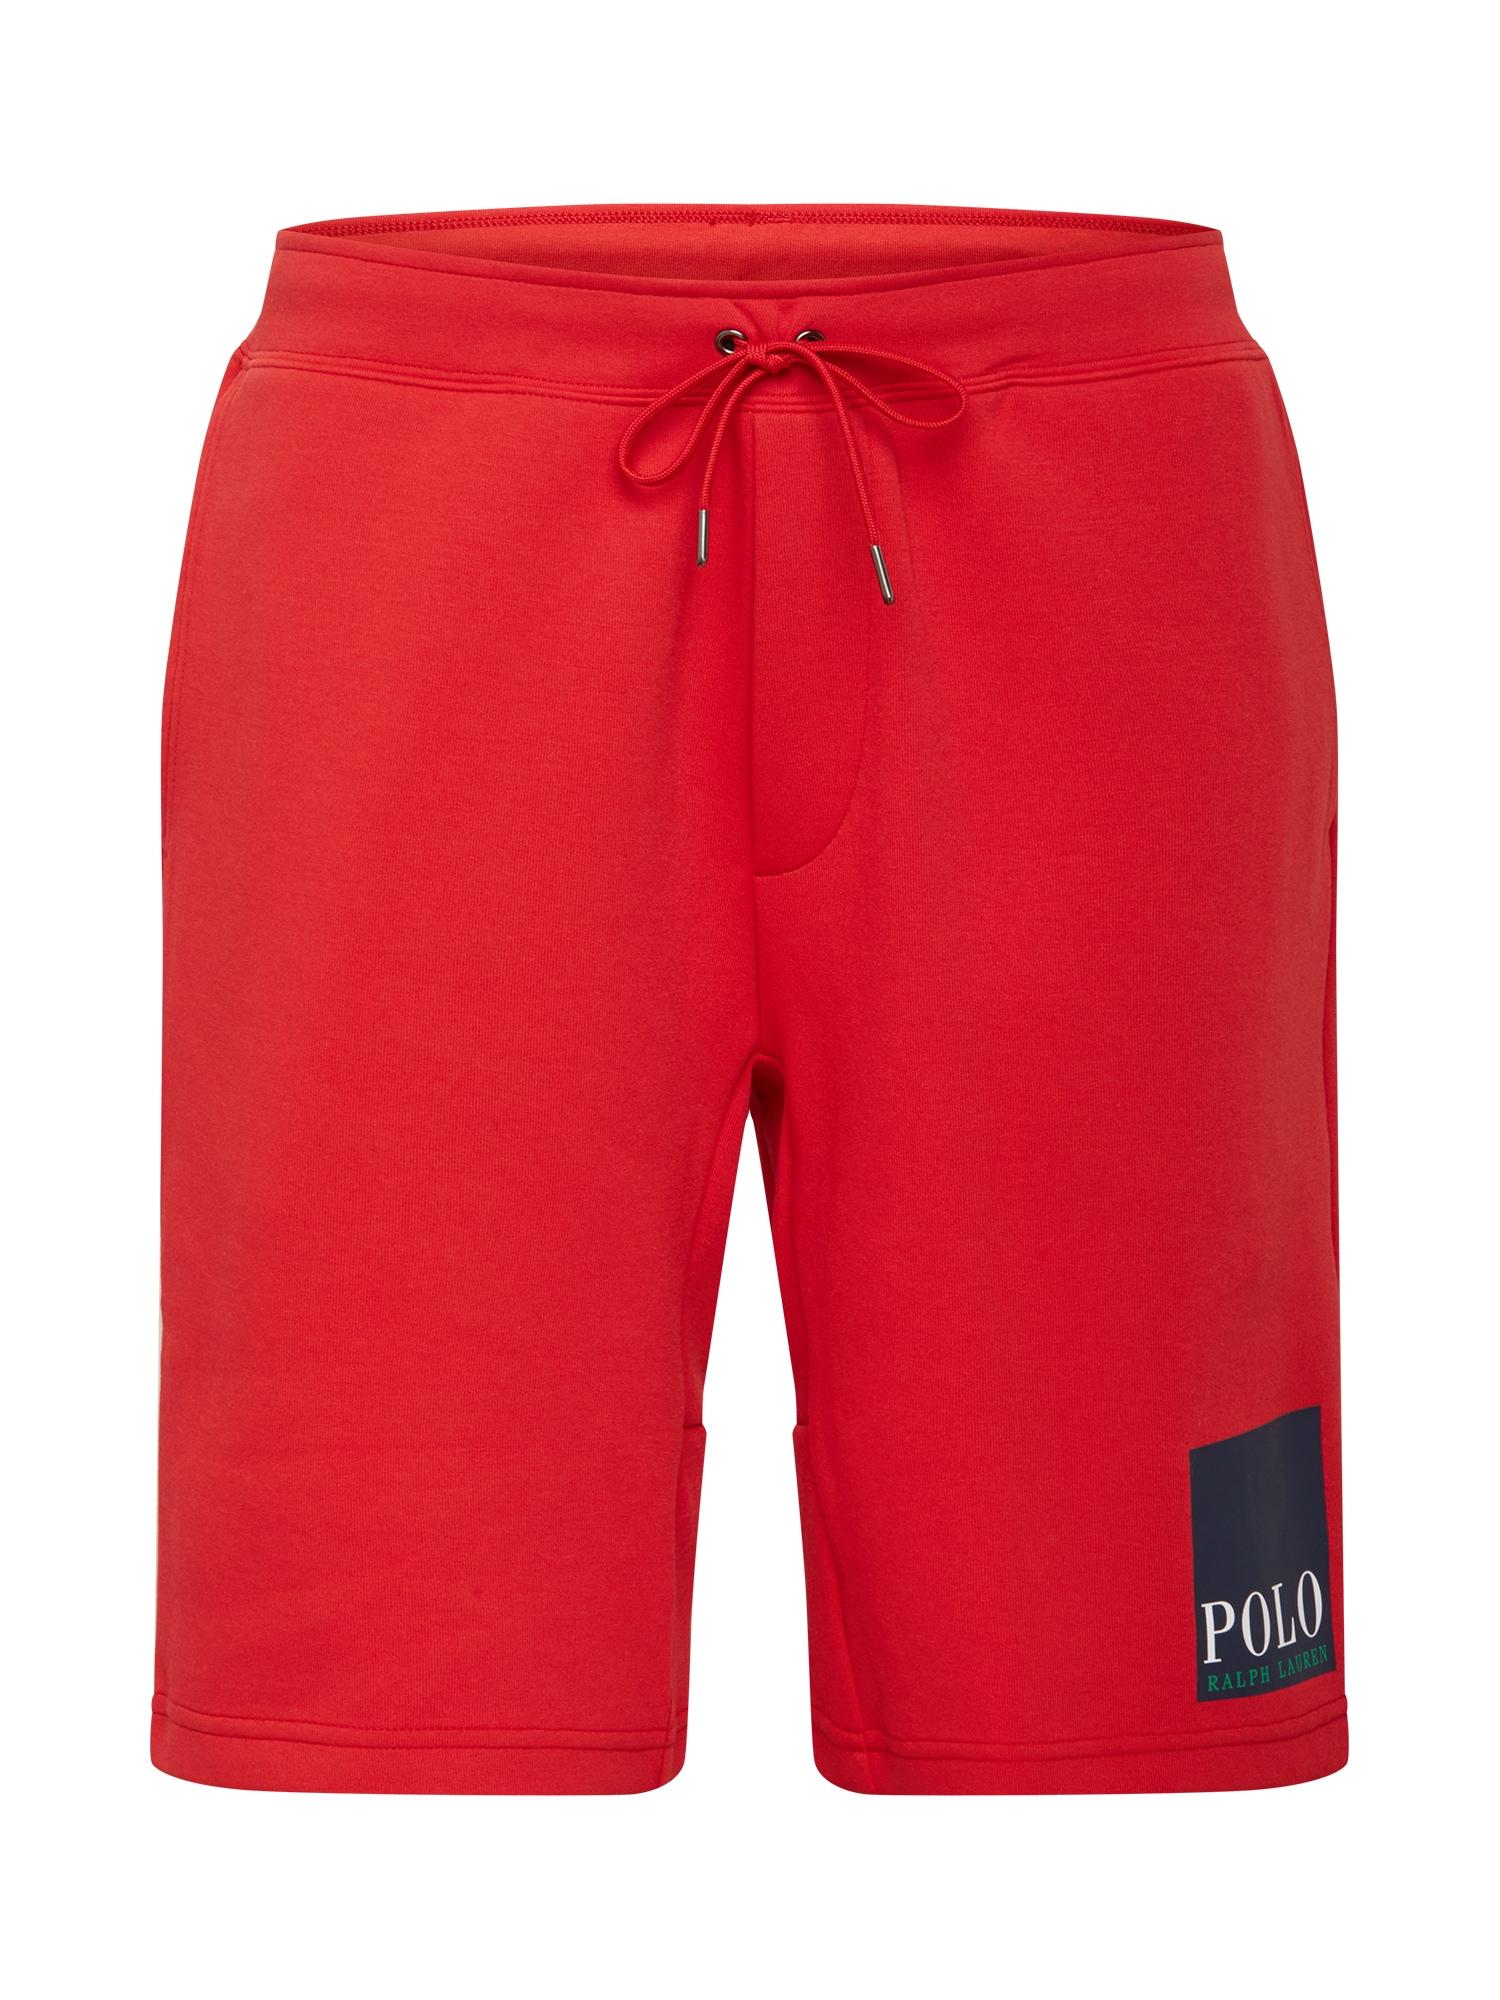 POLO RALPH LAUREN Kalhoty  červená / námořnická modř / bílá / zelená